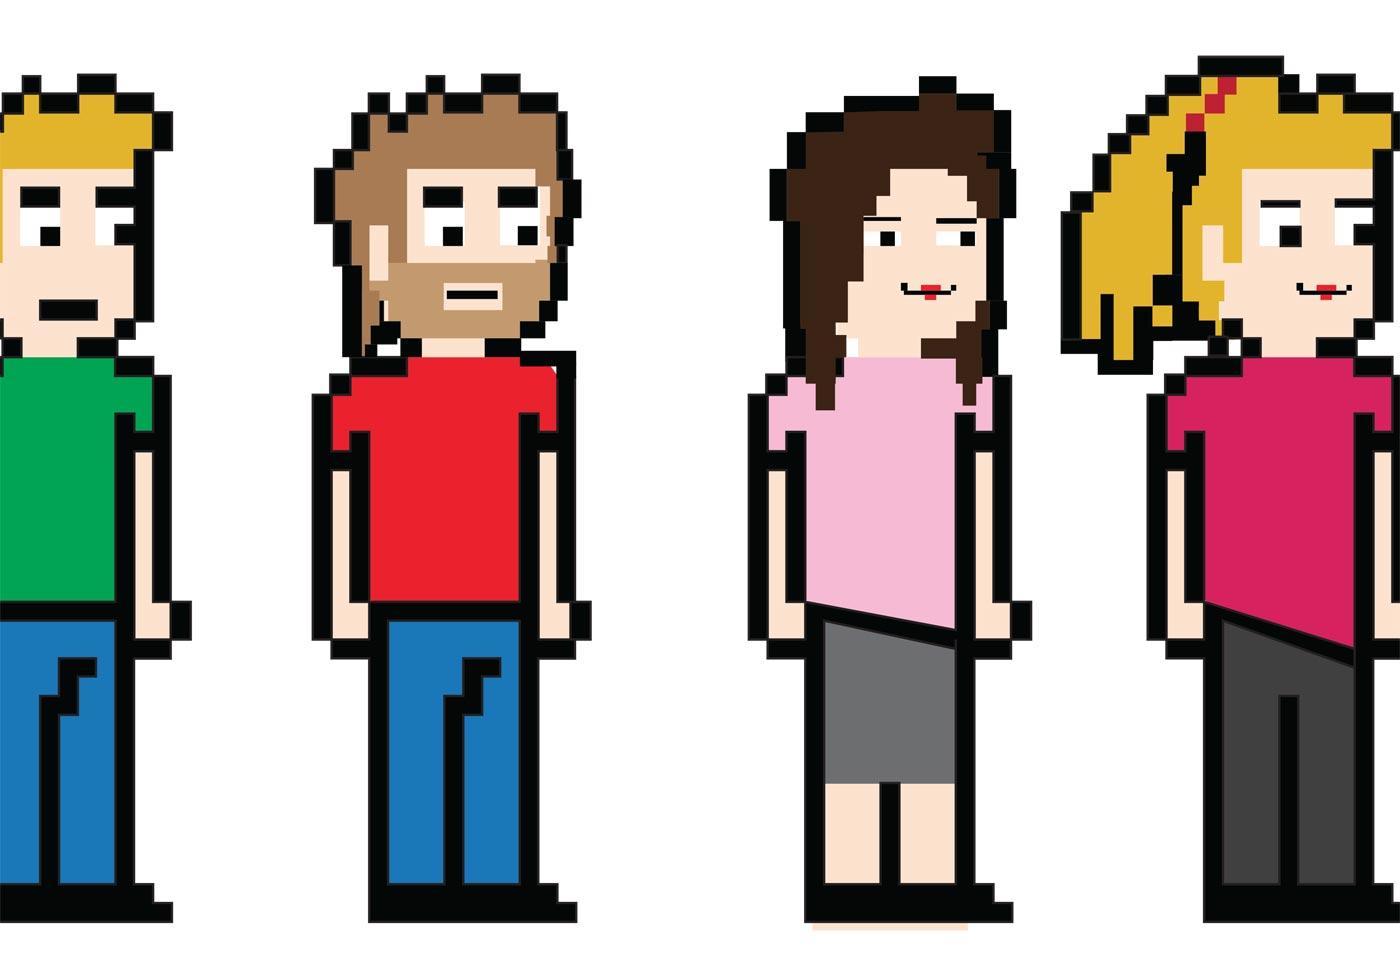 8 Bit Cartoon Characters : Free bit character vectors